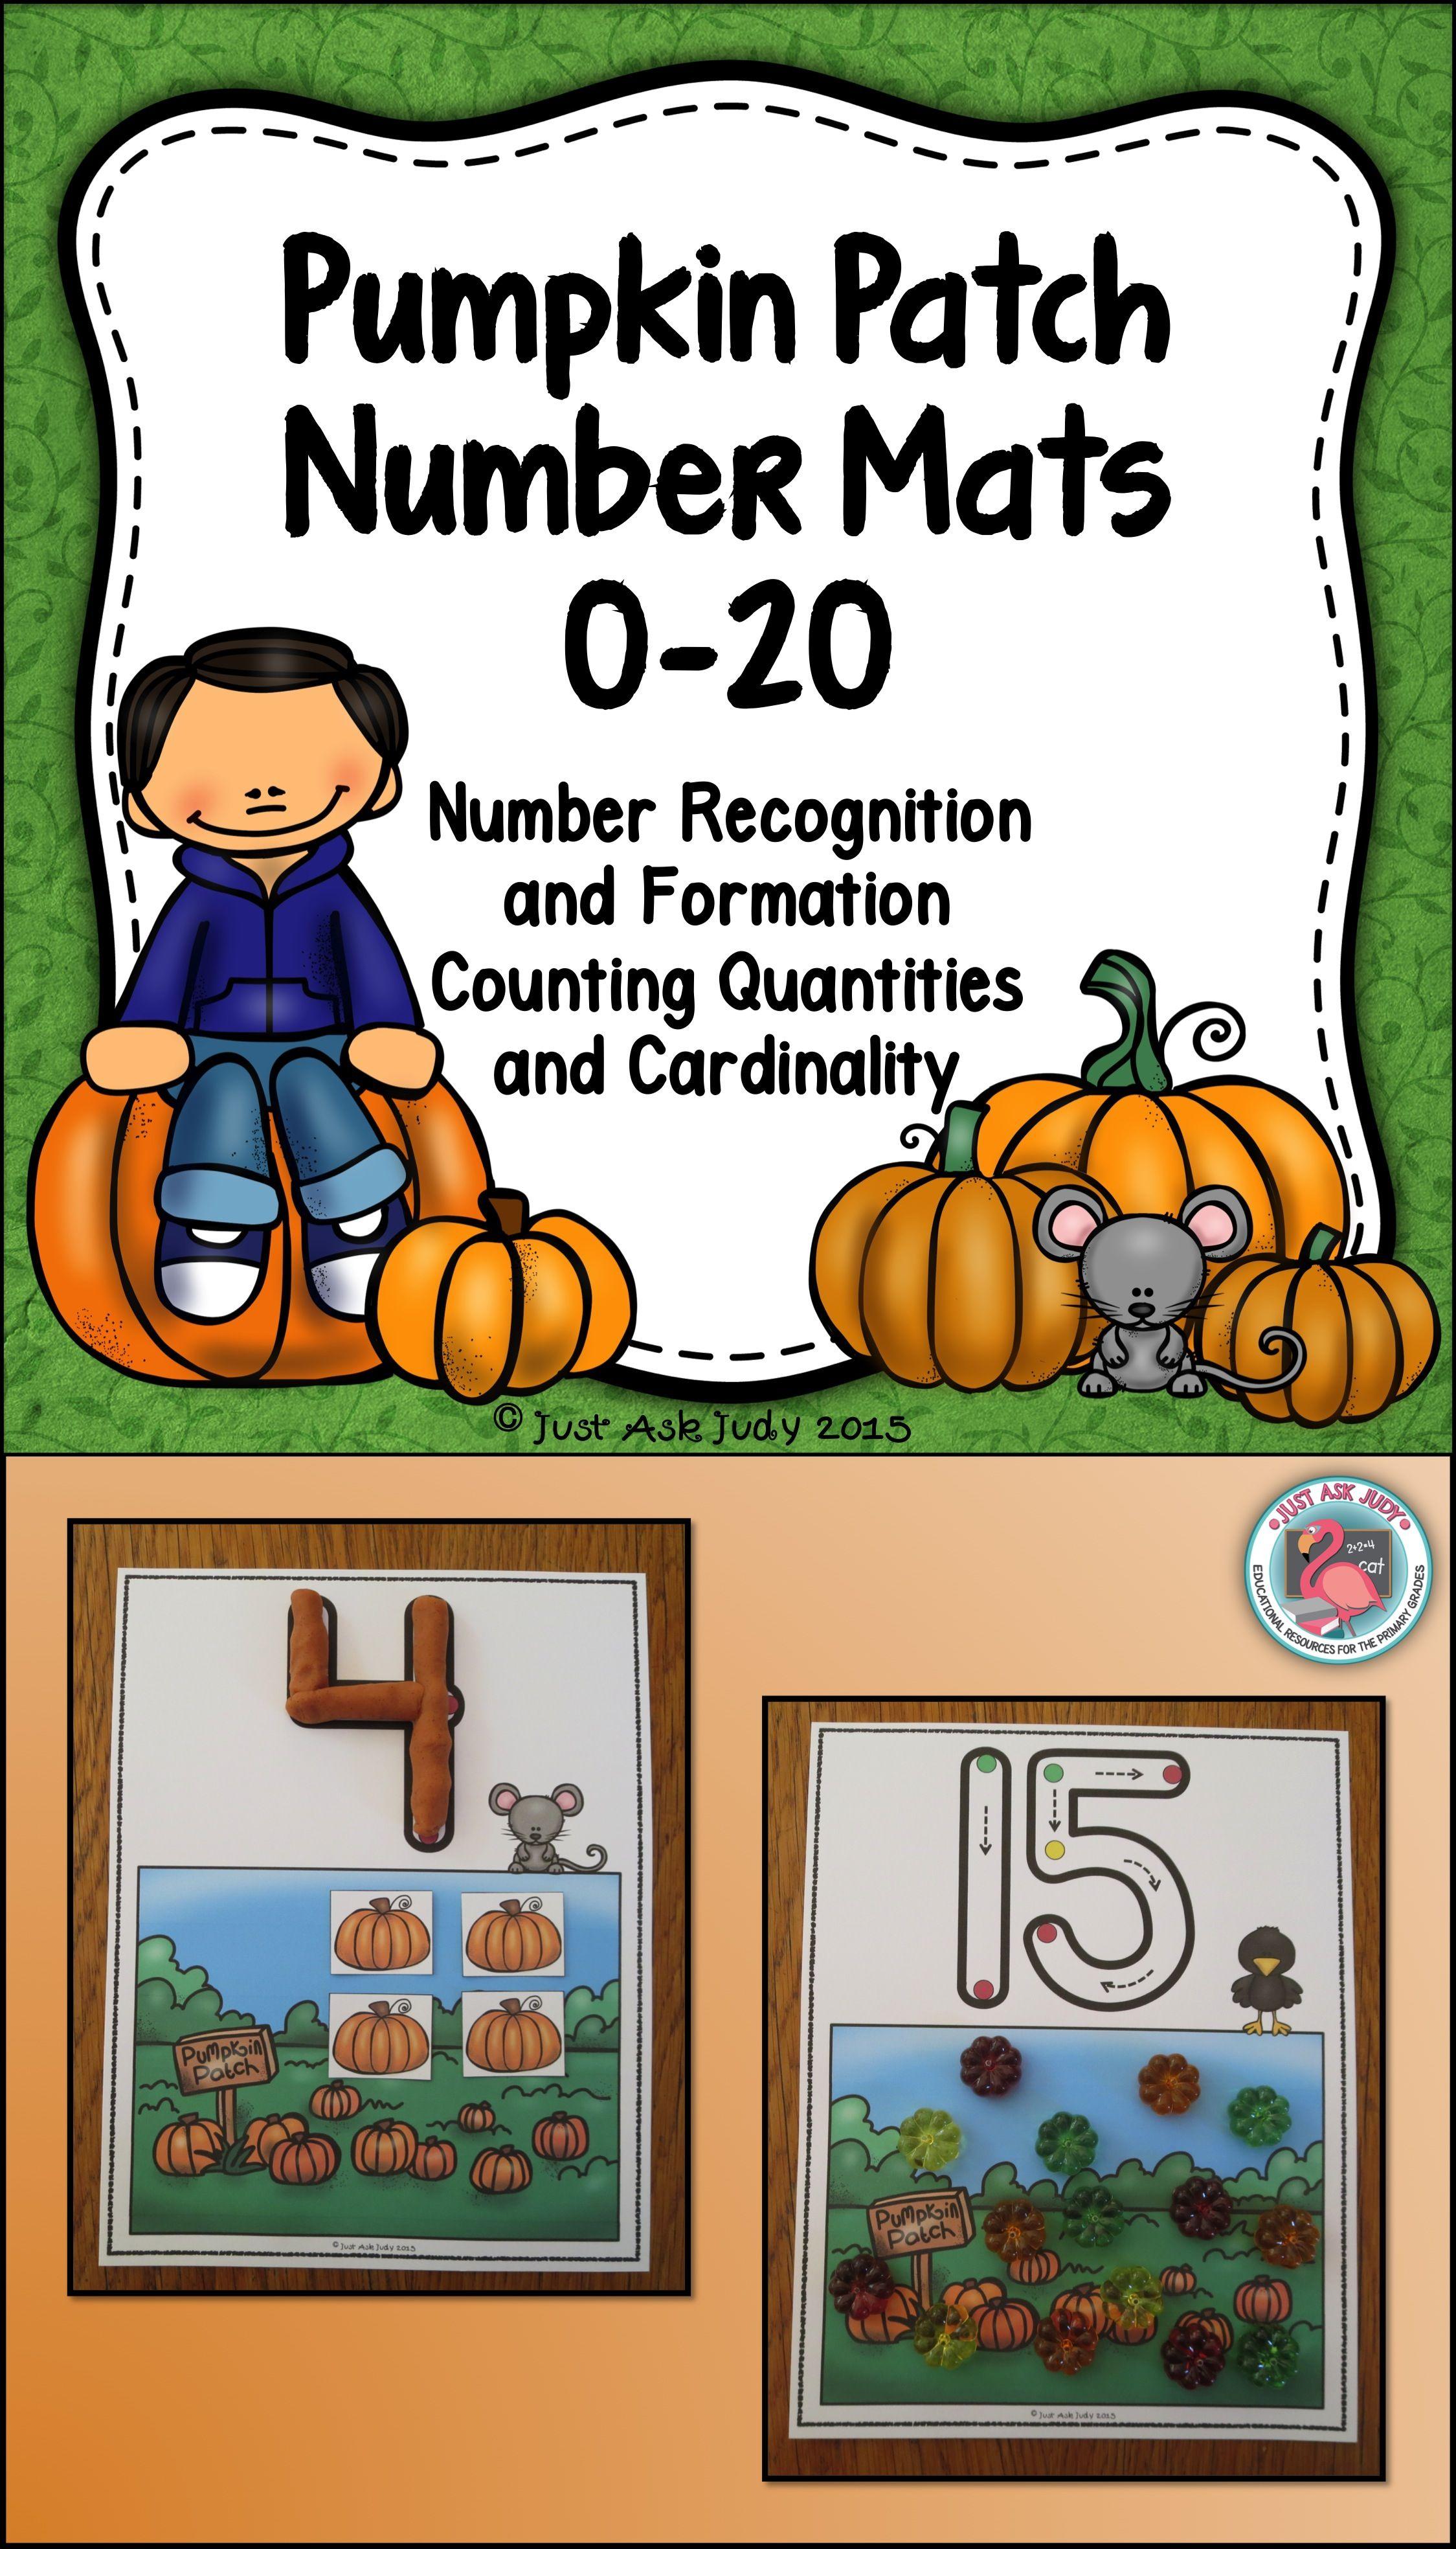 Number Mats 0 20 Pumpkin Patch